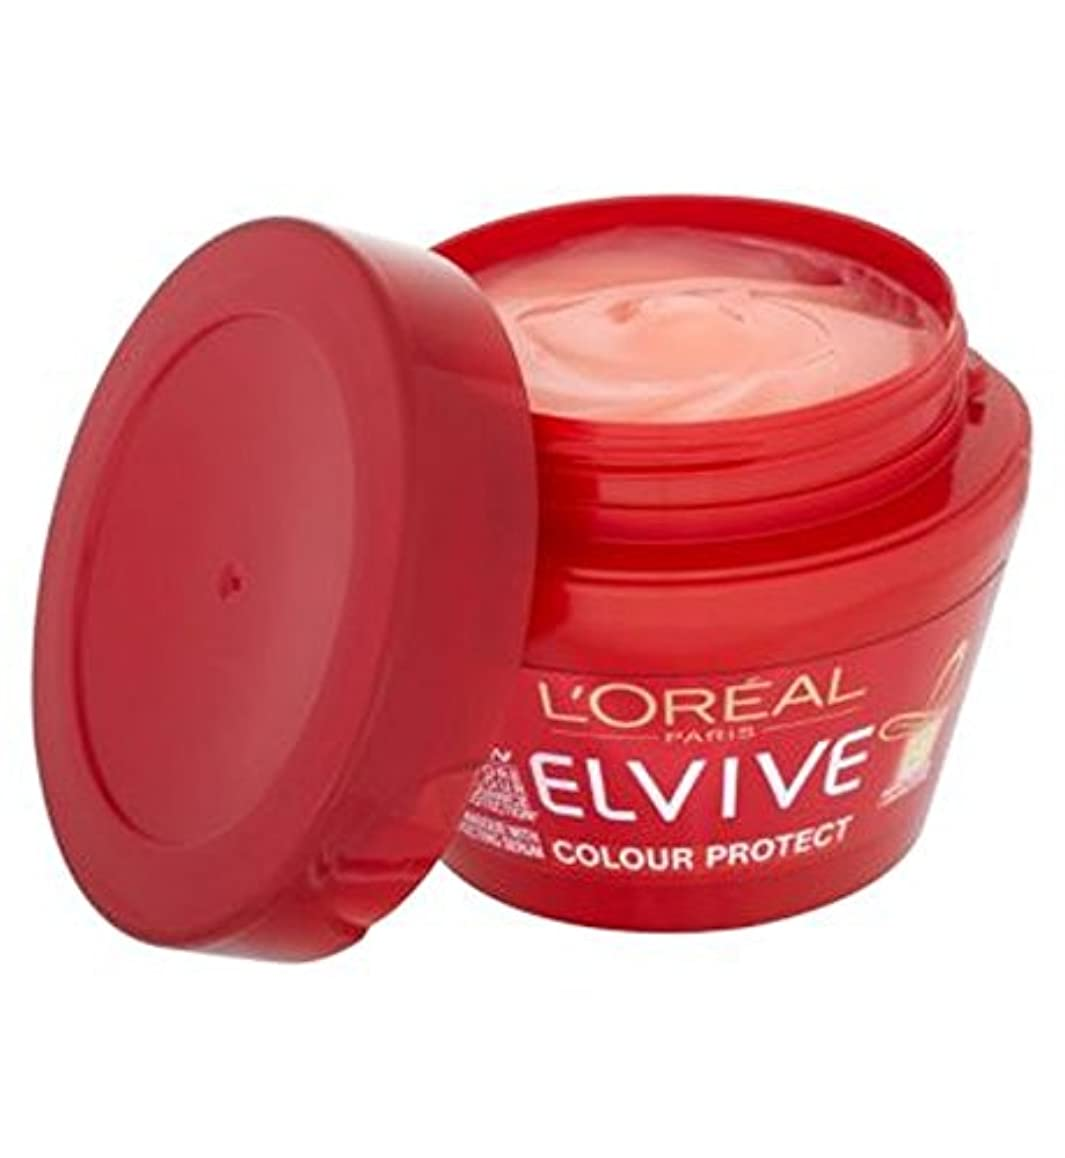 アンティーク修道院割り当てるL'Oreall Elvive色仮面血清300ミリリットルを保護 (L'Oreal) (x2) - L'Oreall Elvive Colour Protect Masque Serum 300ml (Pack of 2) [並行輸入品]